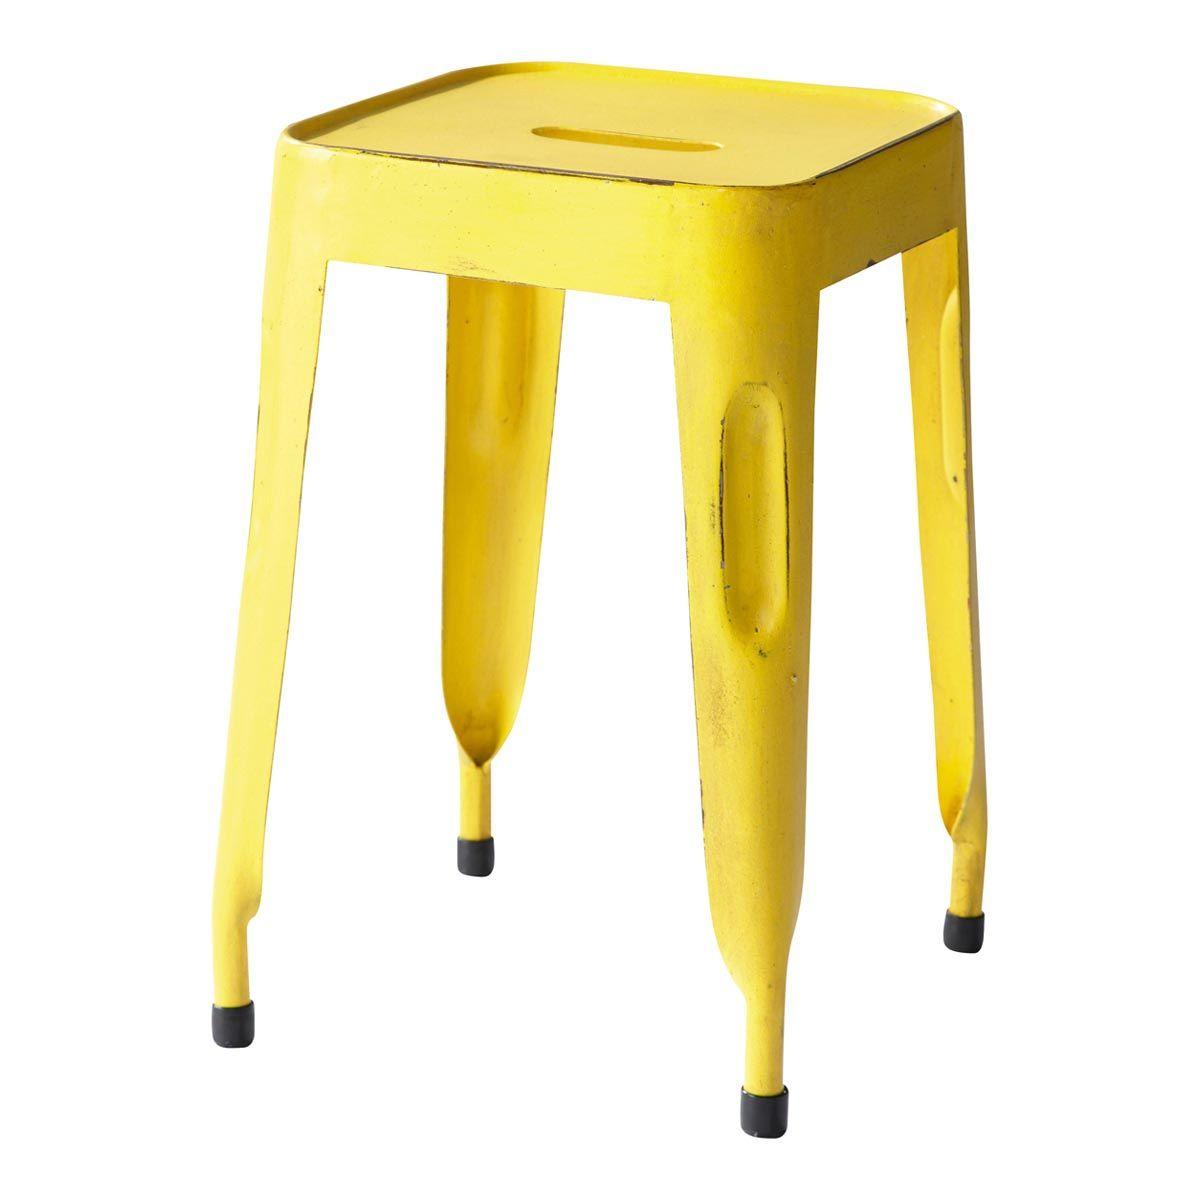 Hocker im Industrial-Stil aus Metall, gelb Jim